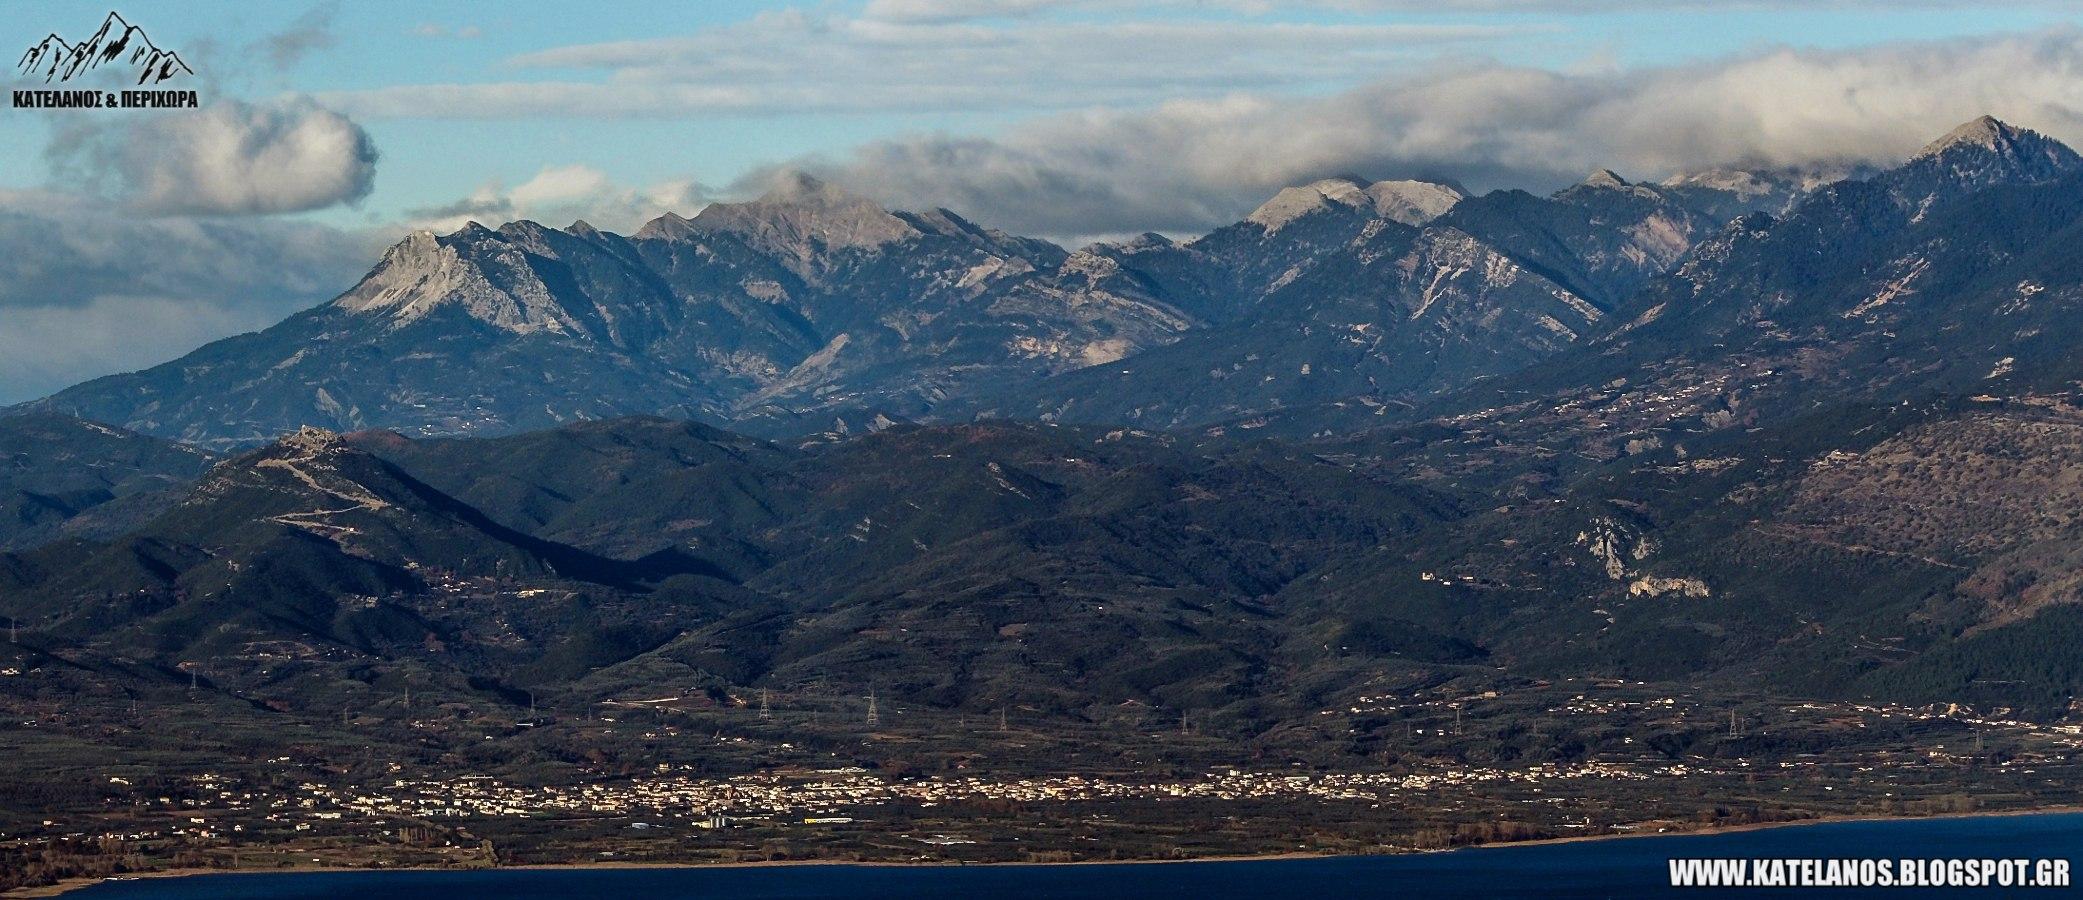 καινουριο αγρινίου αιτωλοακαρνανίας παναιτωλικό όρος οροσειρά κορυφές